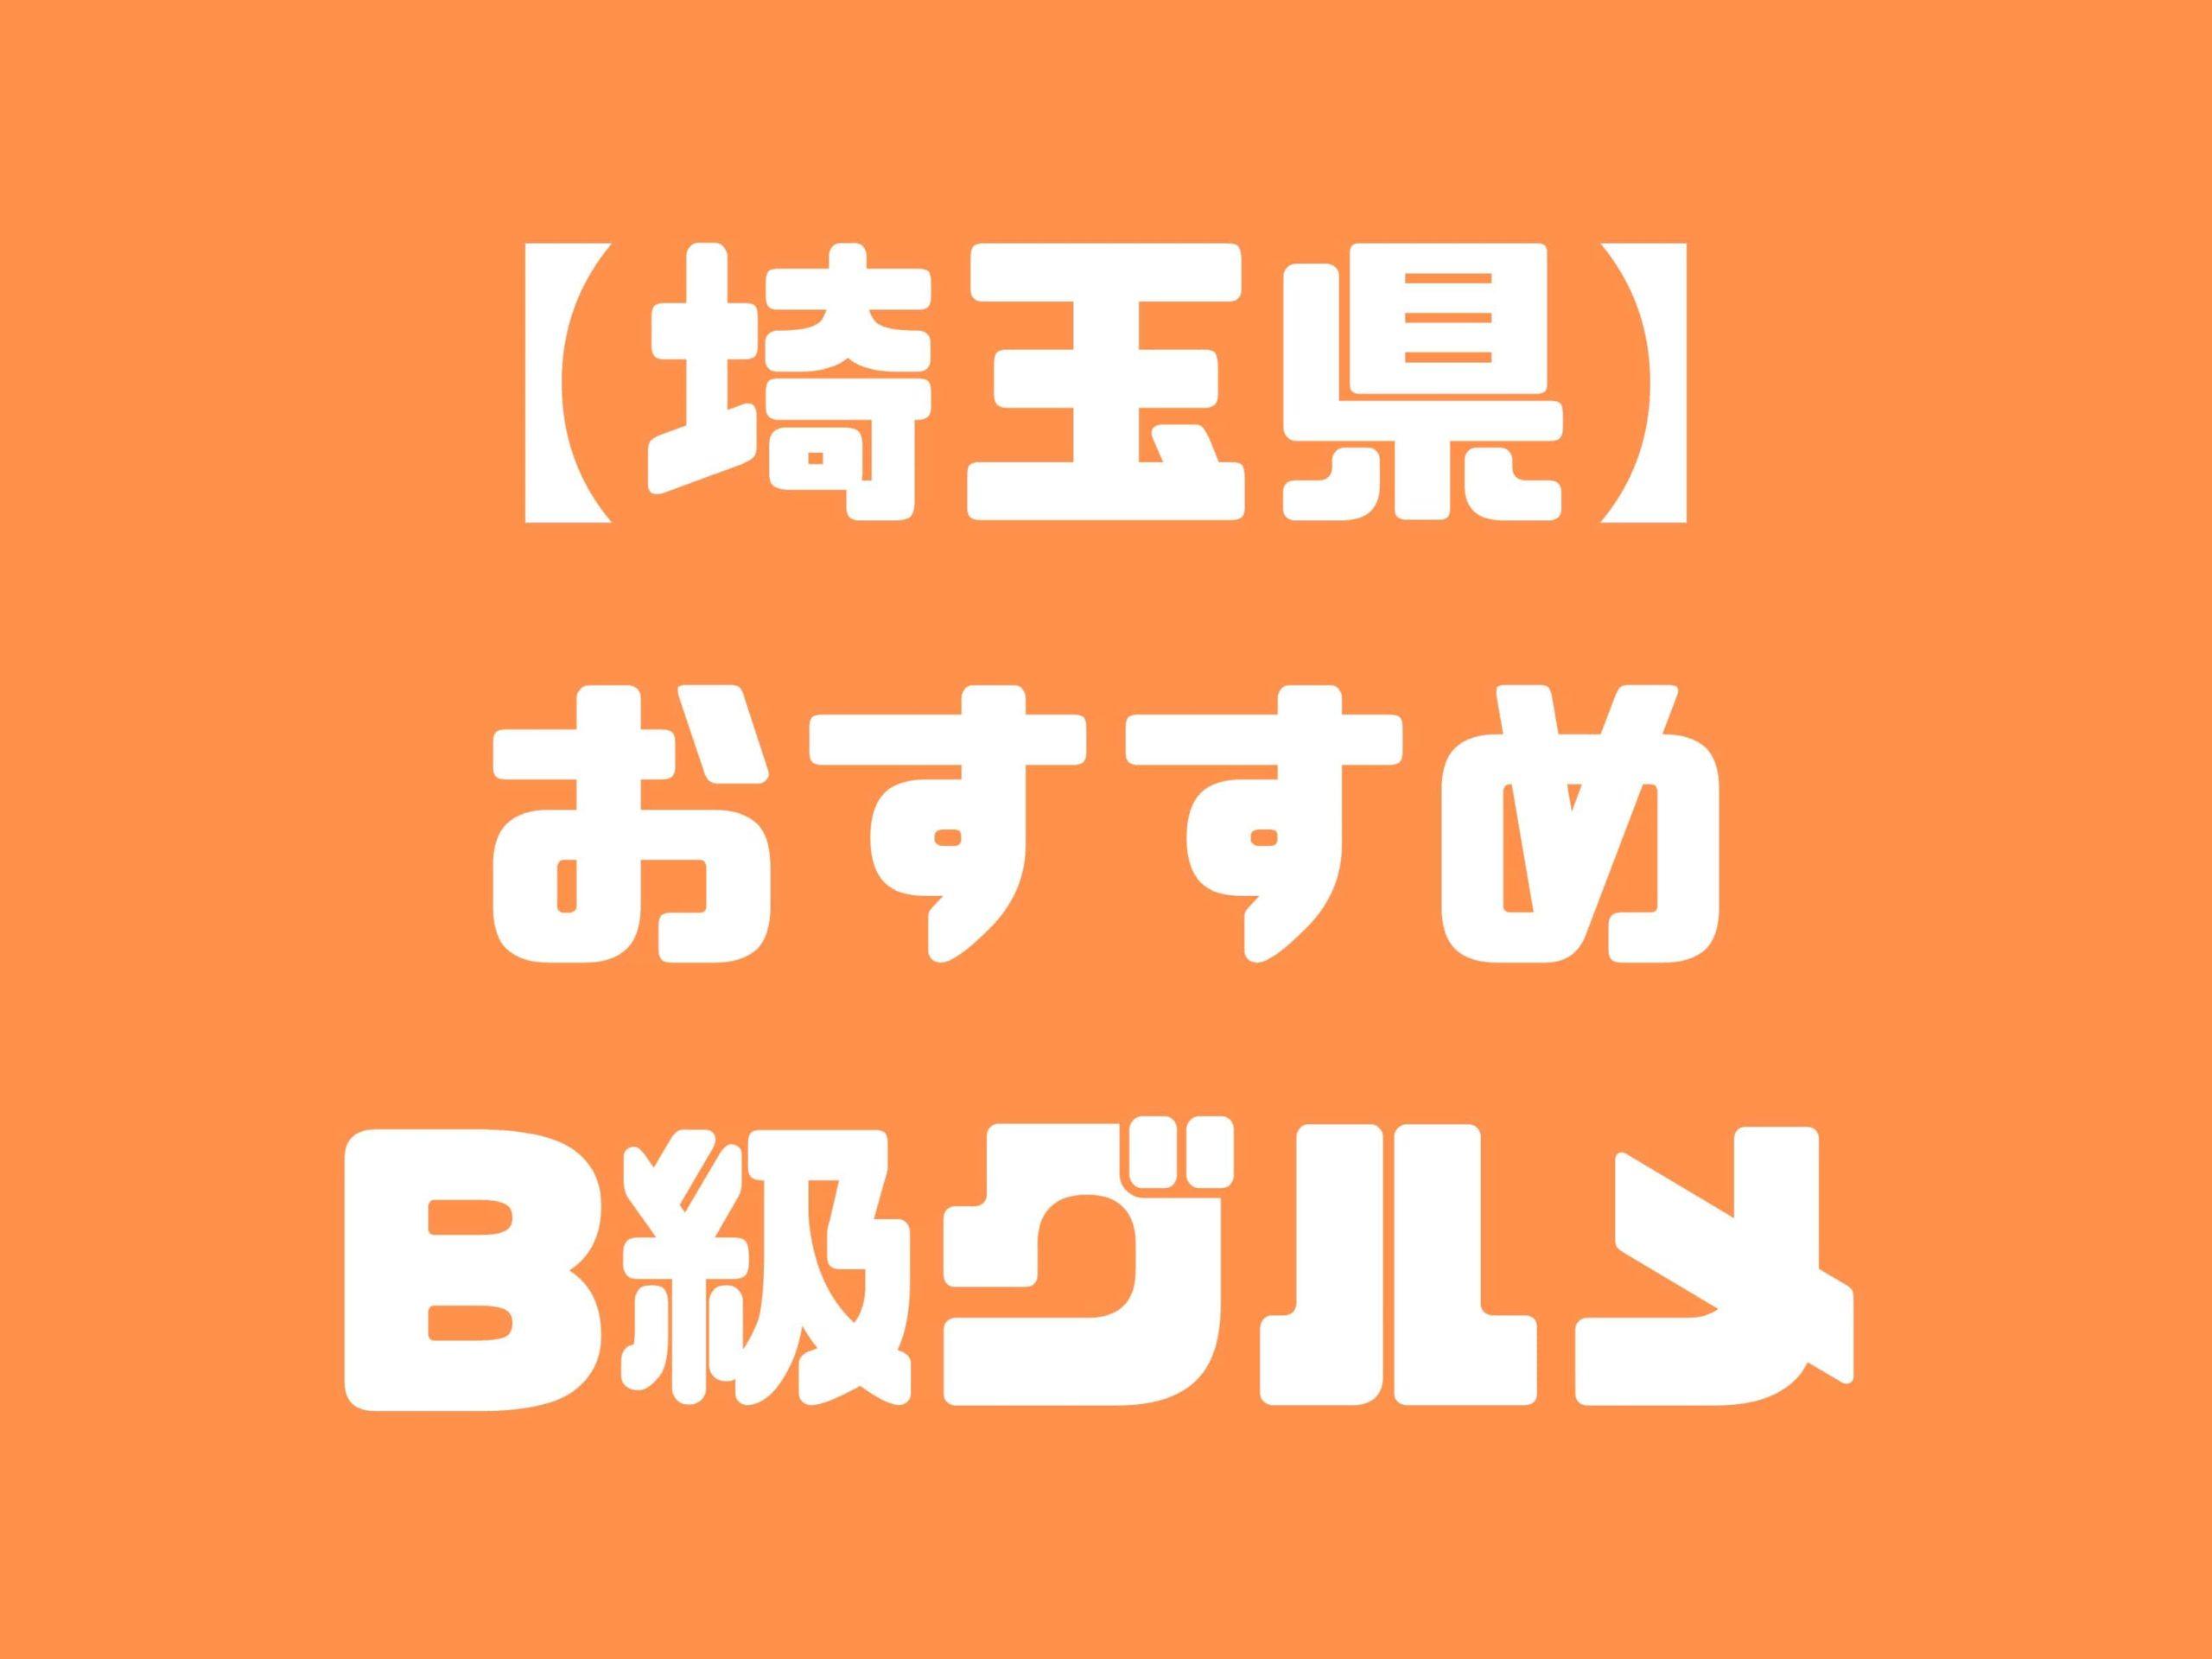 【埼玉県版】秘密のケンミンSHOWまとめ